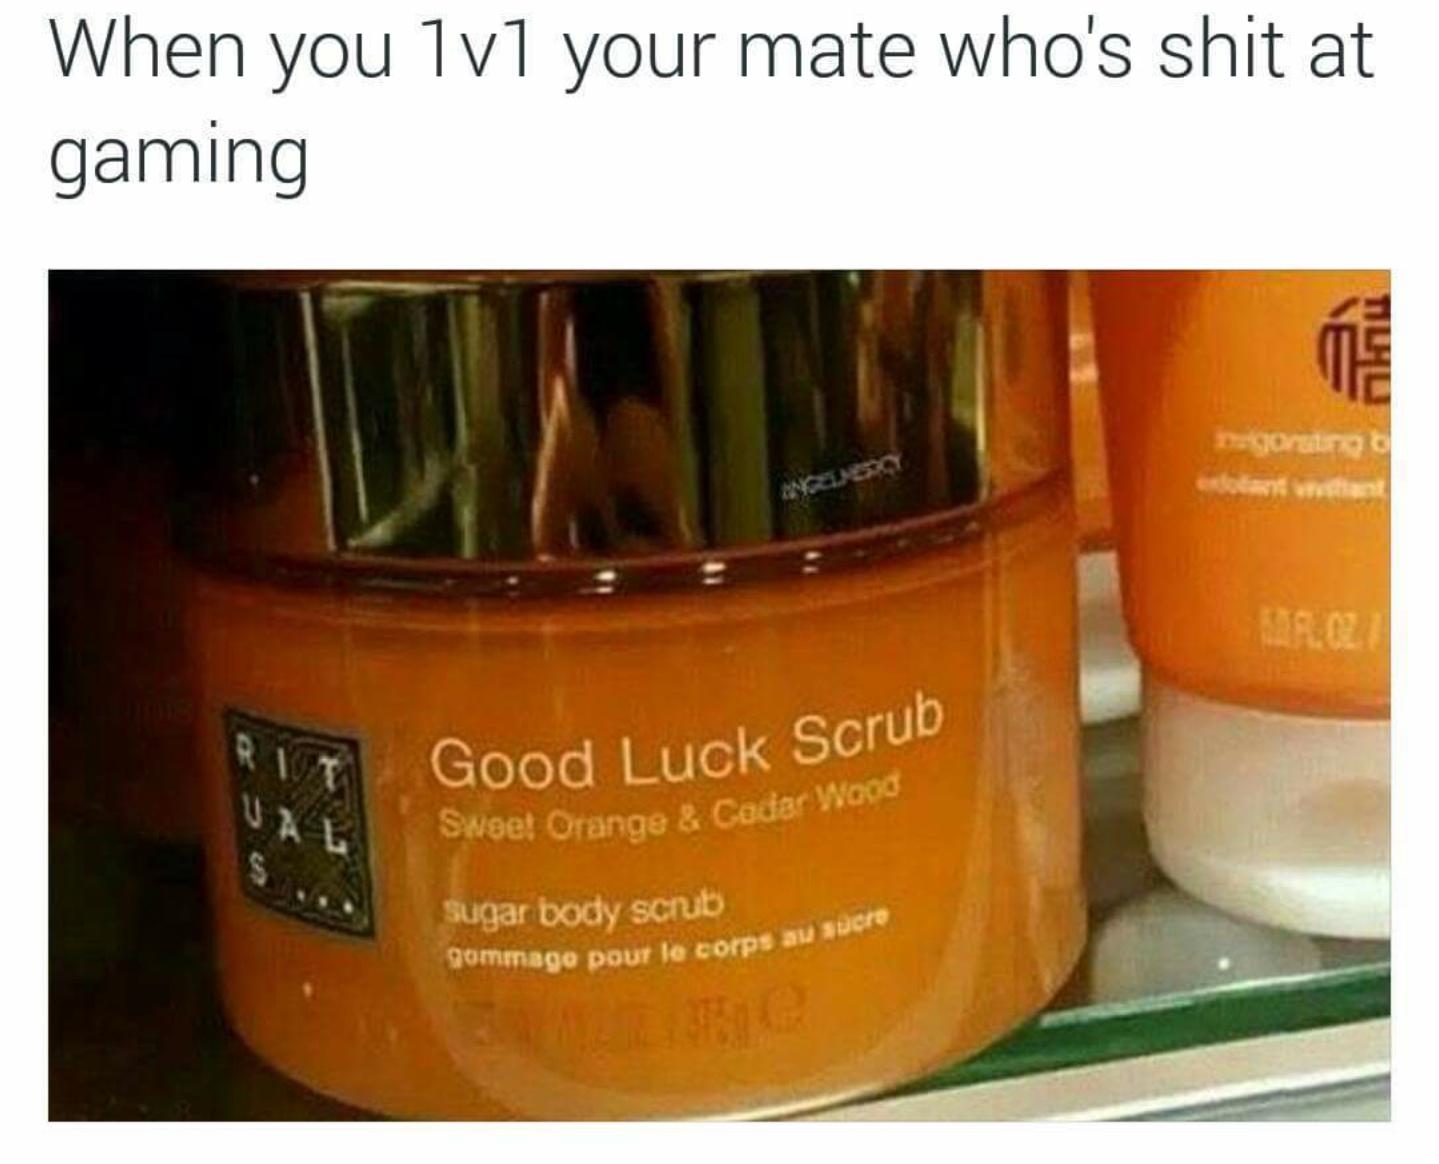 Scrub - meme